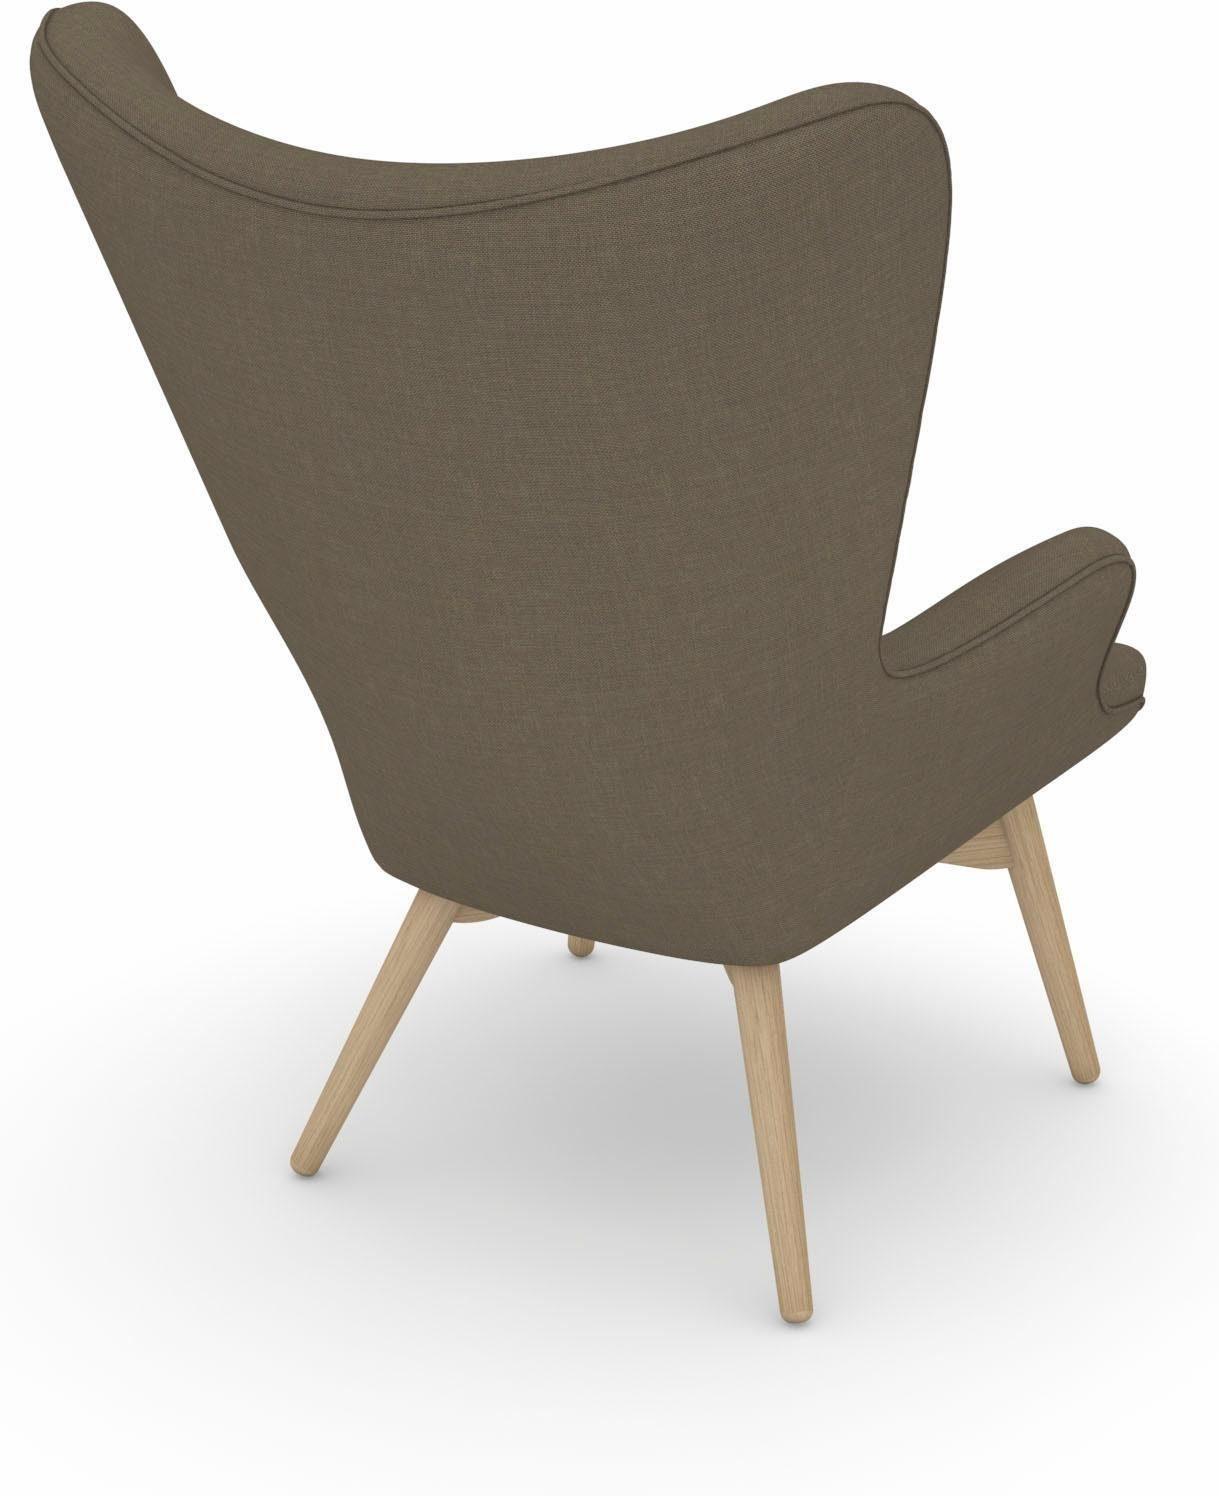 Max Winzer® build a chair stoel met hoge rug, fauteuil »Arne« in retro look, om zelf vorm te geven